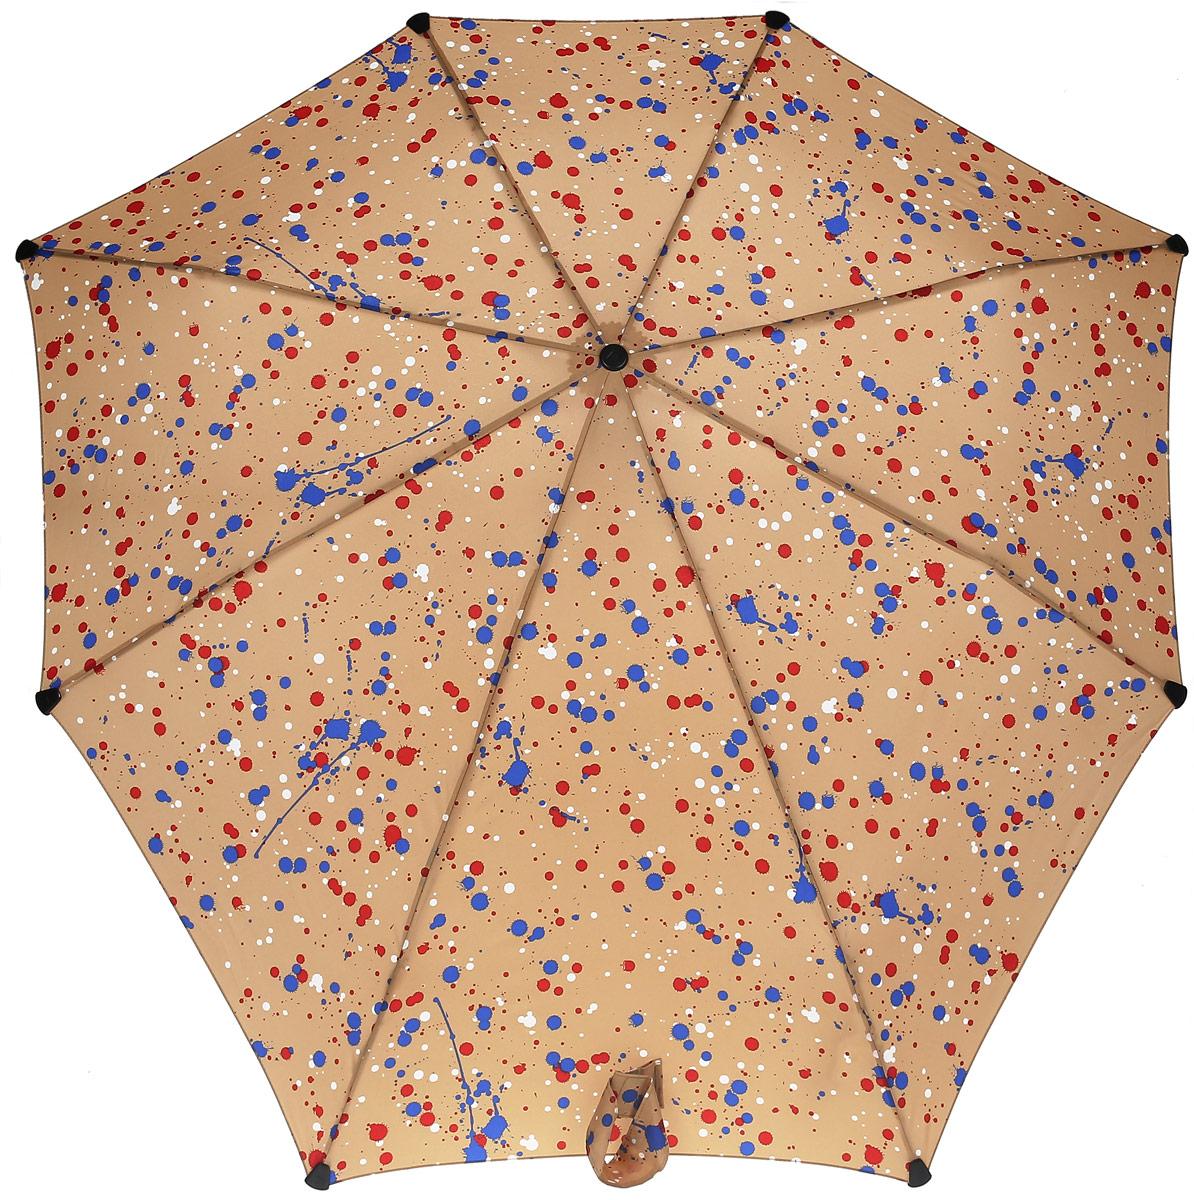 Зонт-автомат Senz, цвет: бежевый. 10240141024014Инновационный противоштормовый зонт, выдерживающий любую непогоду. Входит в коллекцию senz6, разработанную совместно со знаменитыми дизайнерами фэшн-индустрии и отвечающую новейшим веяниям моды. Форма купола продумана так, что вы легко найдете самое удобное положение на ветру – без паники и без борьбы со стихией. Закрывает спину от дождя. Благодаря своей усовершенствованной конструкции, зонт не выворачивается наизнанку даже при сильном ветре. Характеристики: - тип — автомат - три сложения - выдерживает порывы ветра до 80 км/ч - УФ-защита 50+ - эргономичная ручка - безопасные колпачки на кончиках спиц - в комплекте чехол с фирменным принтом - гарантия 2 года Размер купола - 91 х 91 см., длина в сложенном виде - 28 см., в раскрытом - 57 см. Весит 360 г.